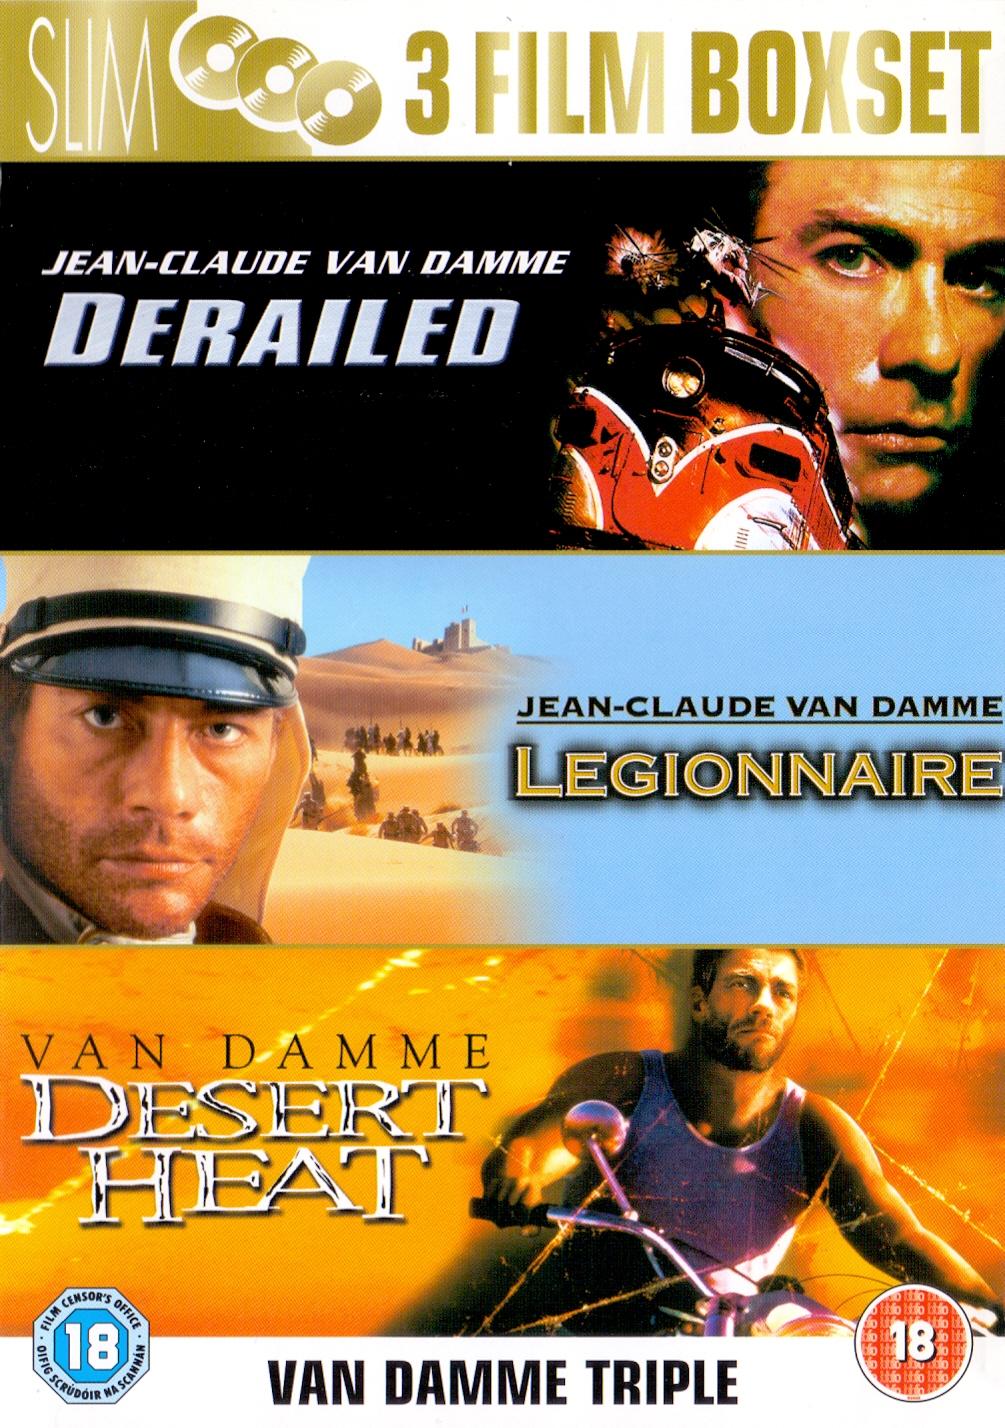 Derailed / Legionnaire / Desert Heat [3 DVDs, Import]